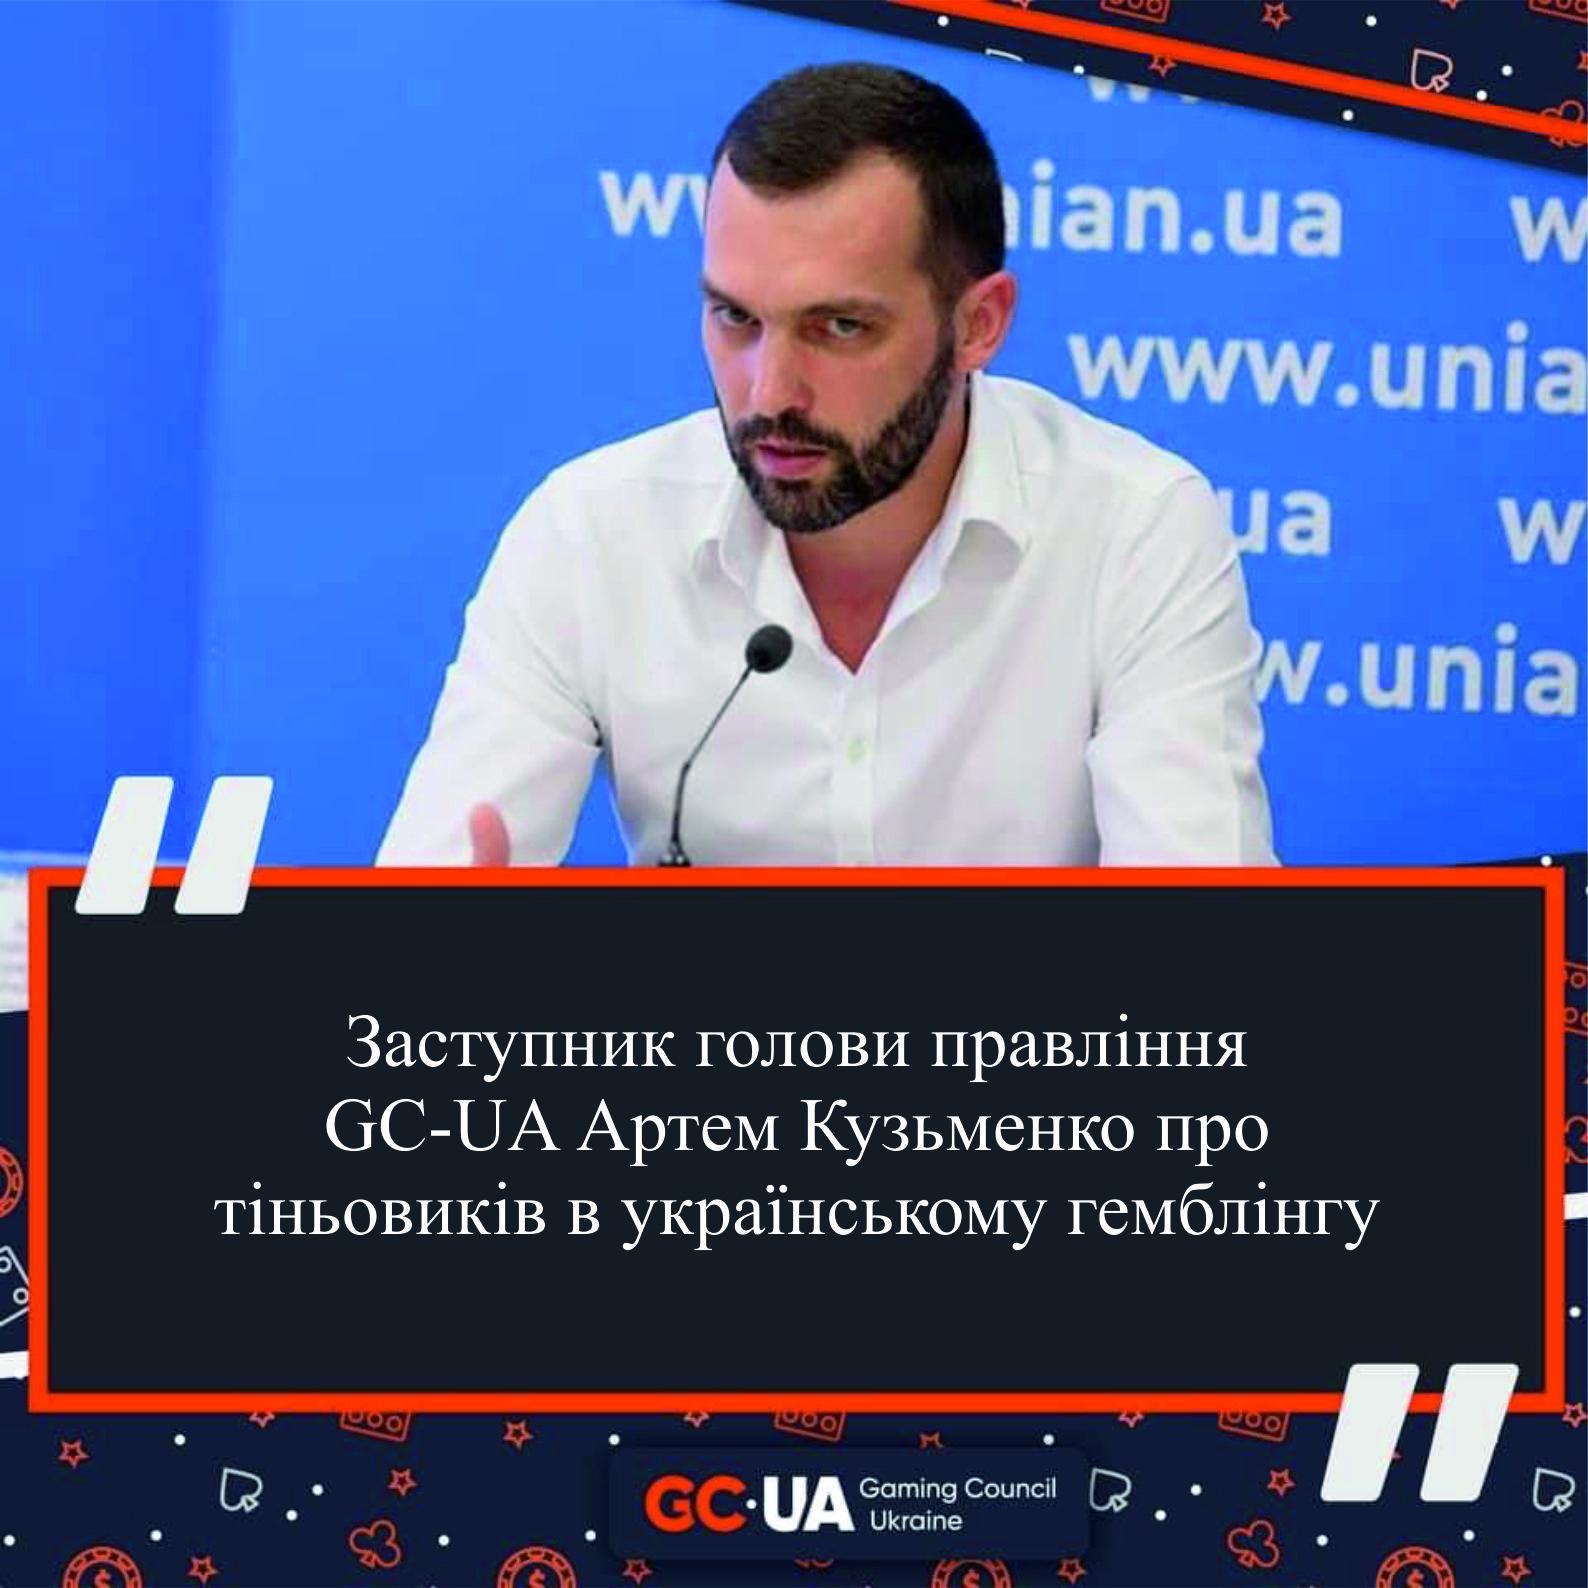 Заступник голови правління GC-UA Артем Кузьменко про тіньовиків в українському гемблінгу